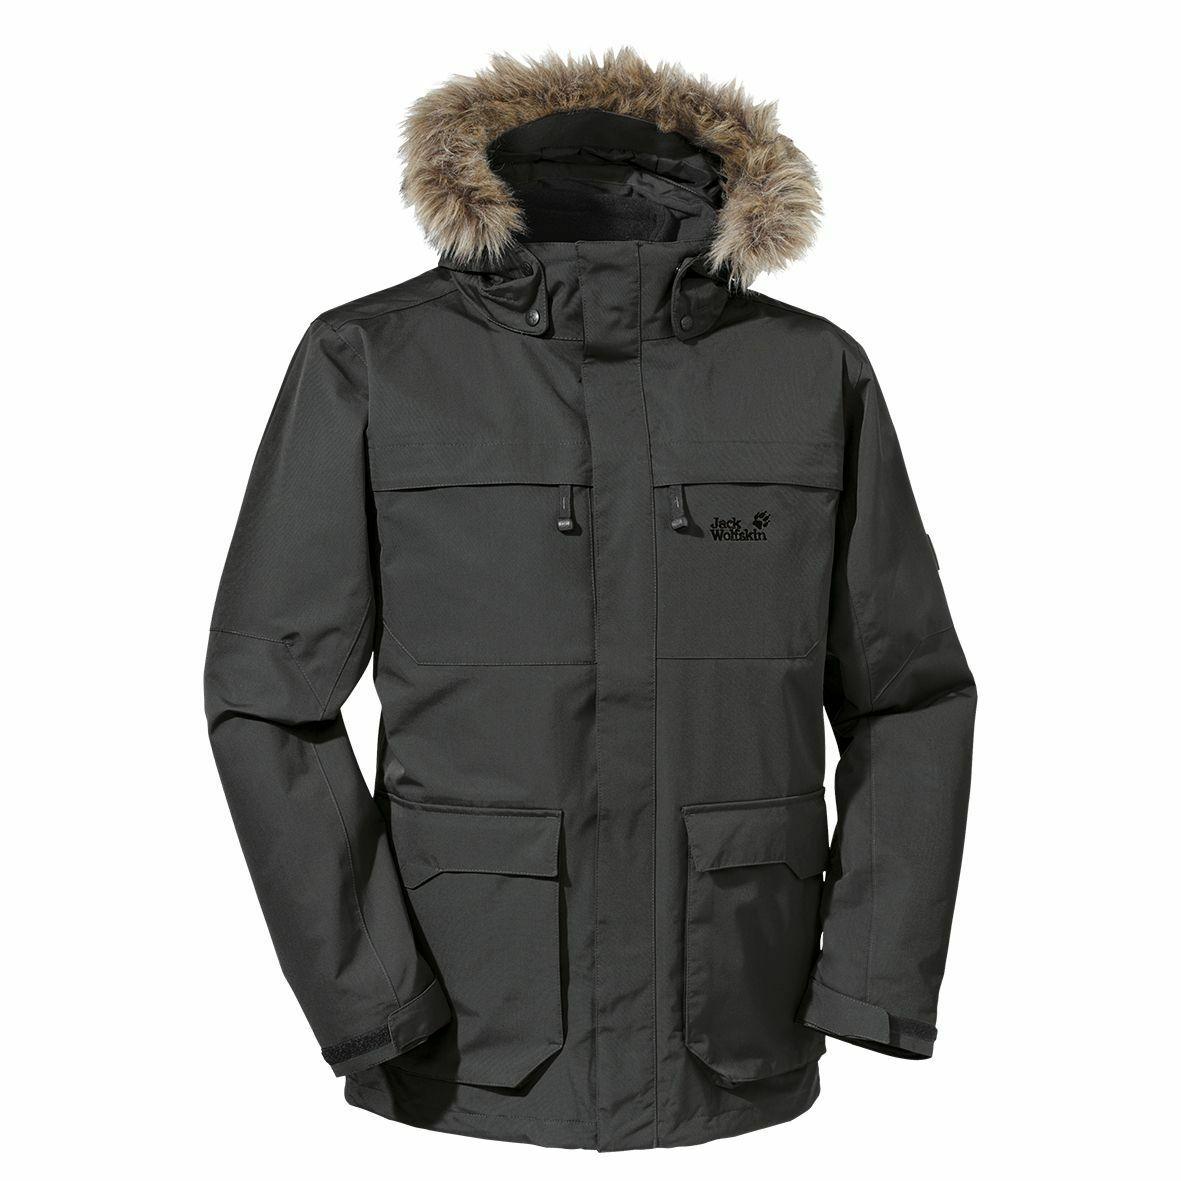 Jack Wolfskin Westport Parka 3in1 Jacket Outdoor World